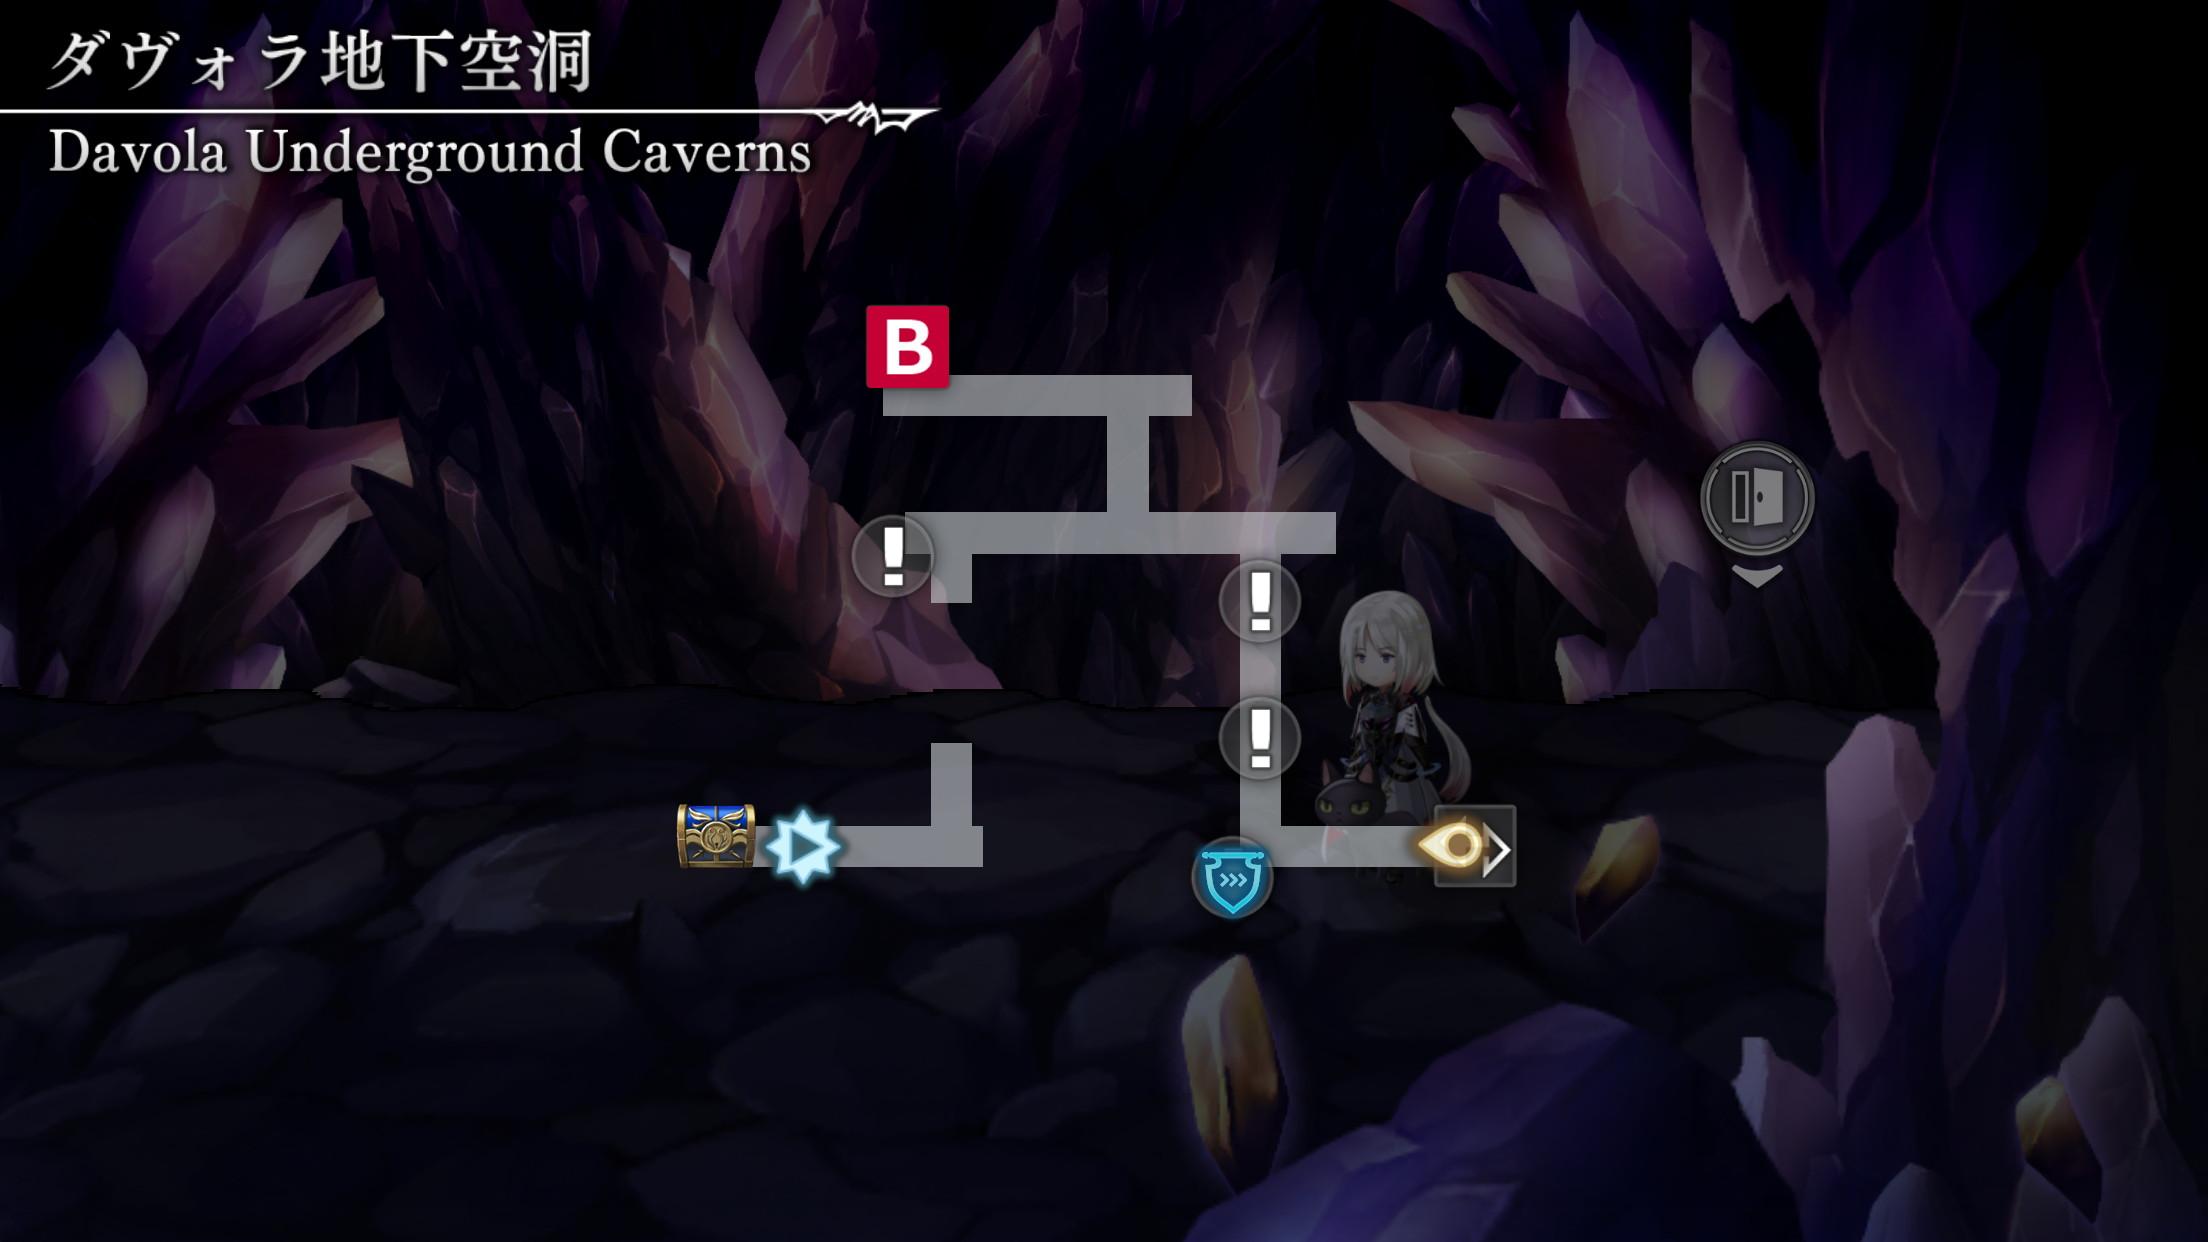 ダヴォラ地下空洞ストーリーマップ2